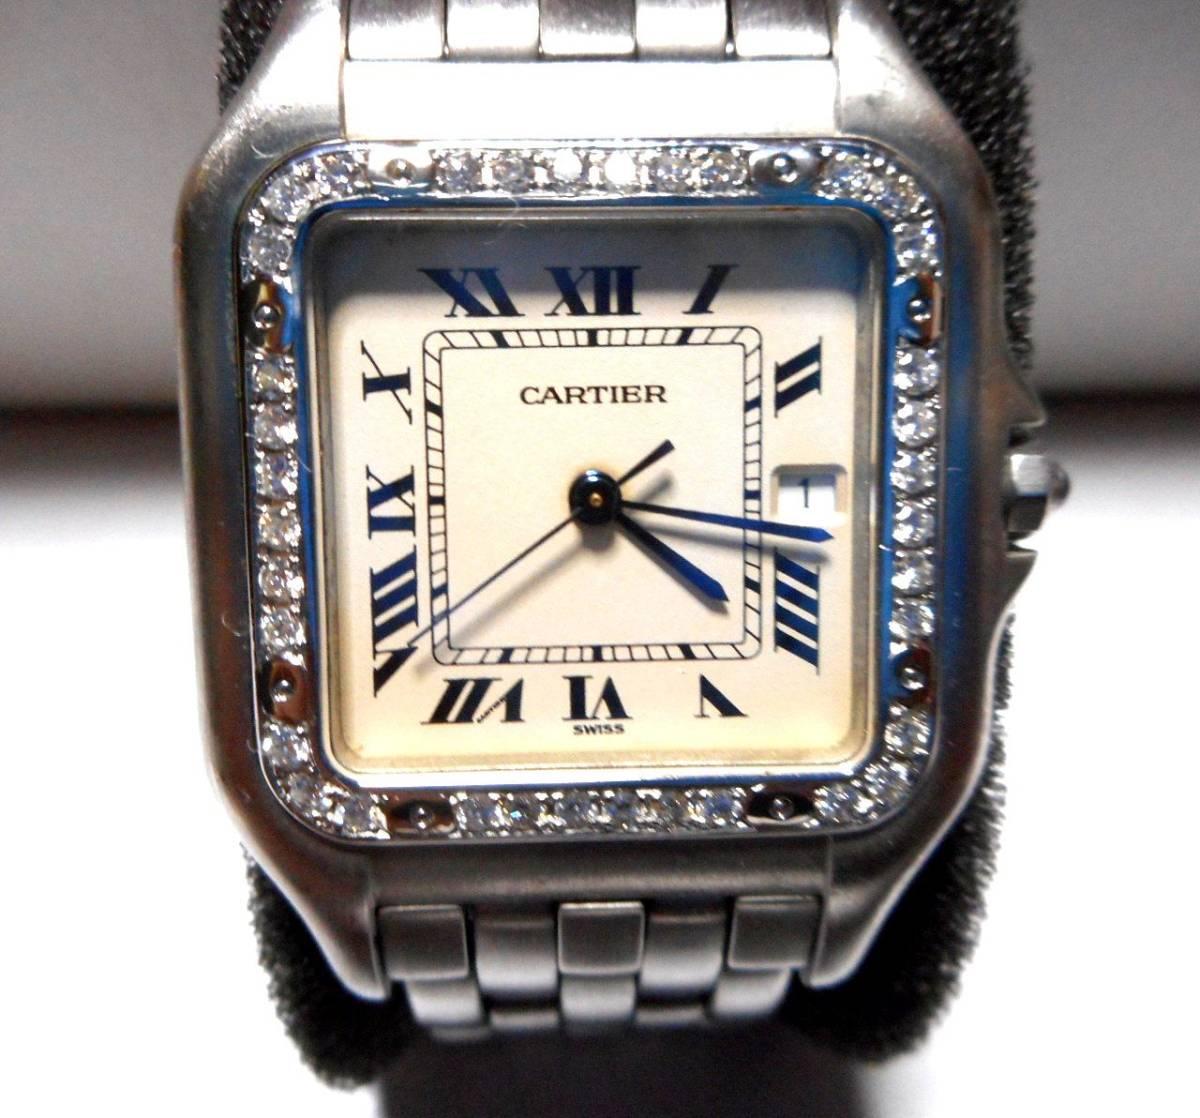 カルティエ Cartier サントス SM ベゼル アフターダイヤ加工いたします ドゥモワゼルSM 2698 WF902005 750WG ガルベ WF9003Y8 パンサー 2_画像1